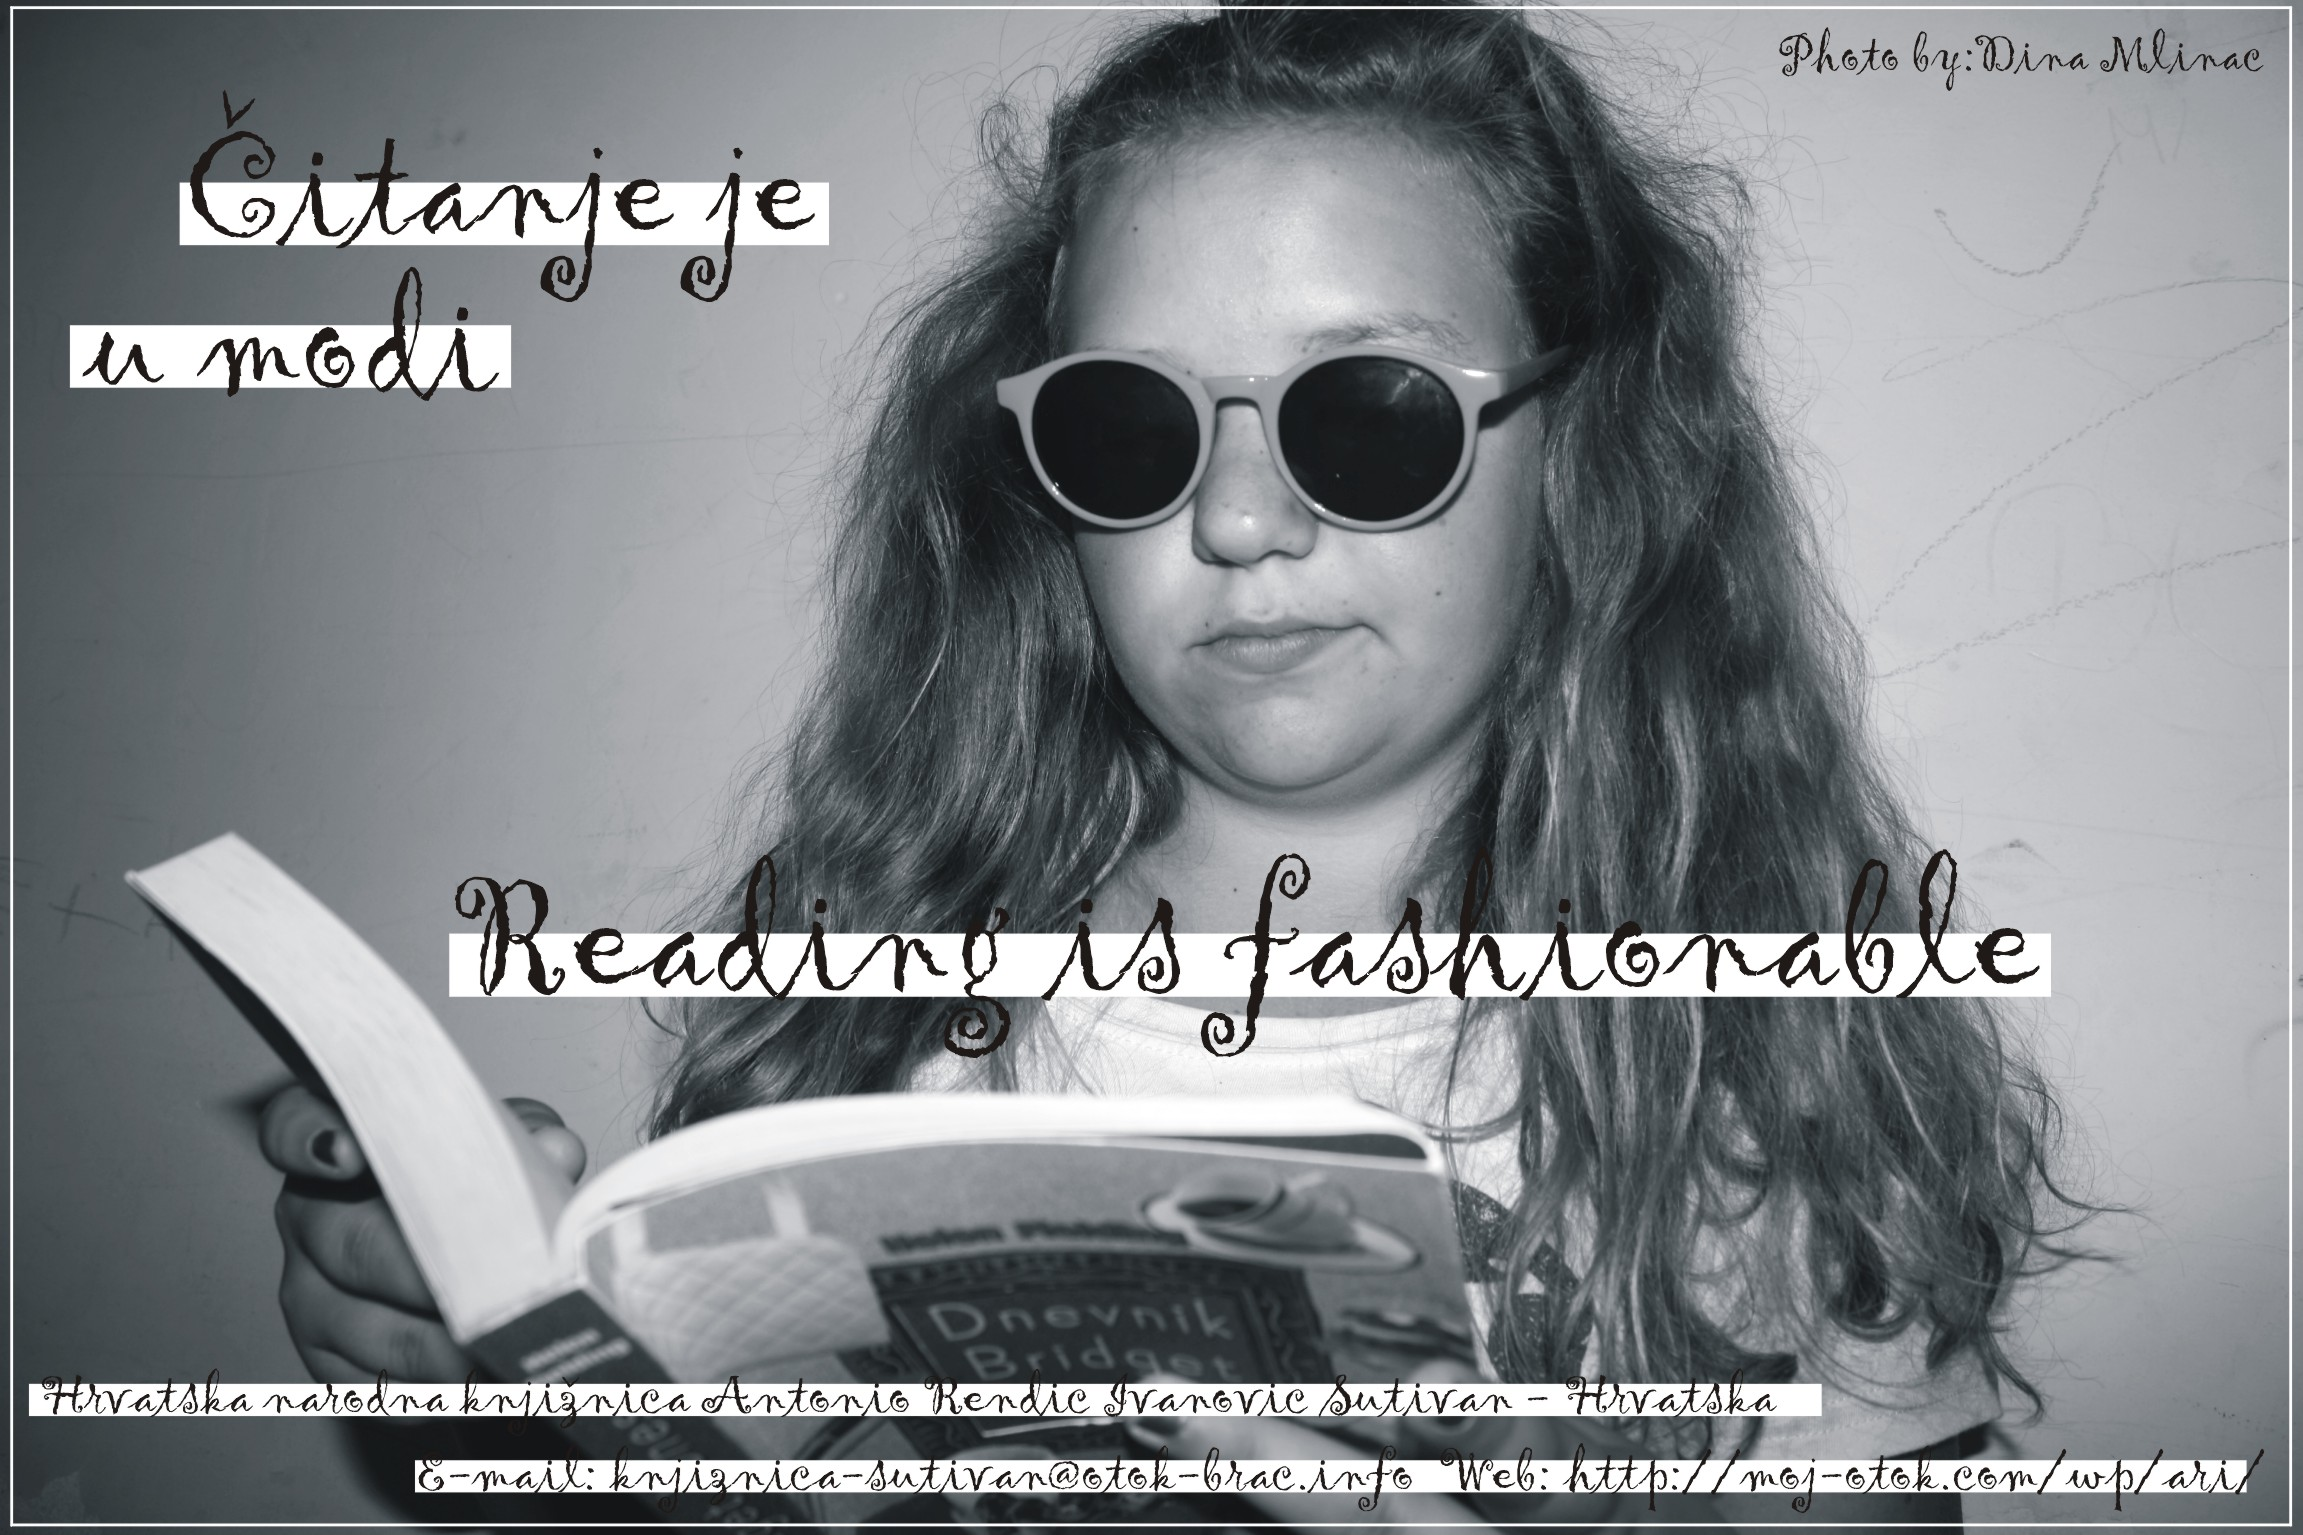 naple-sutivan-postcard1